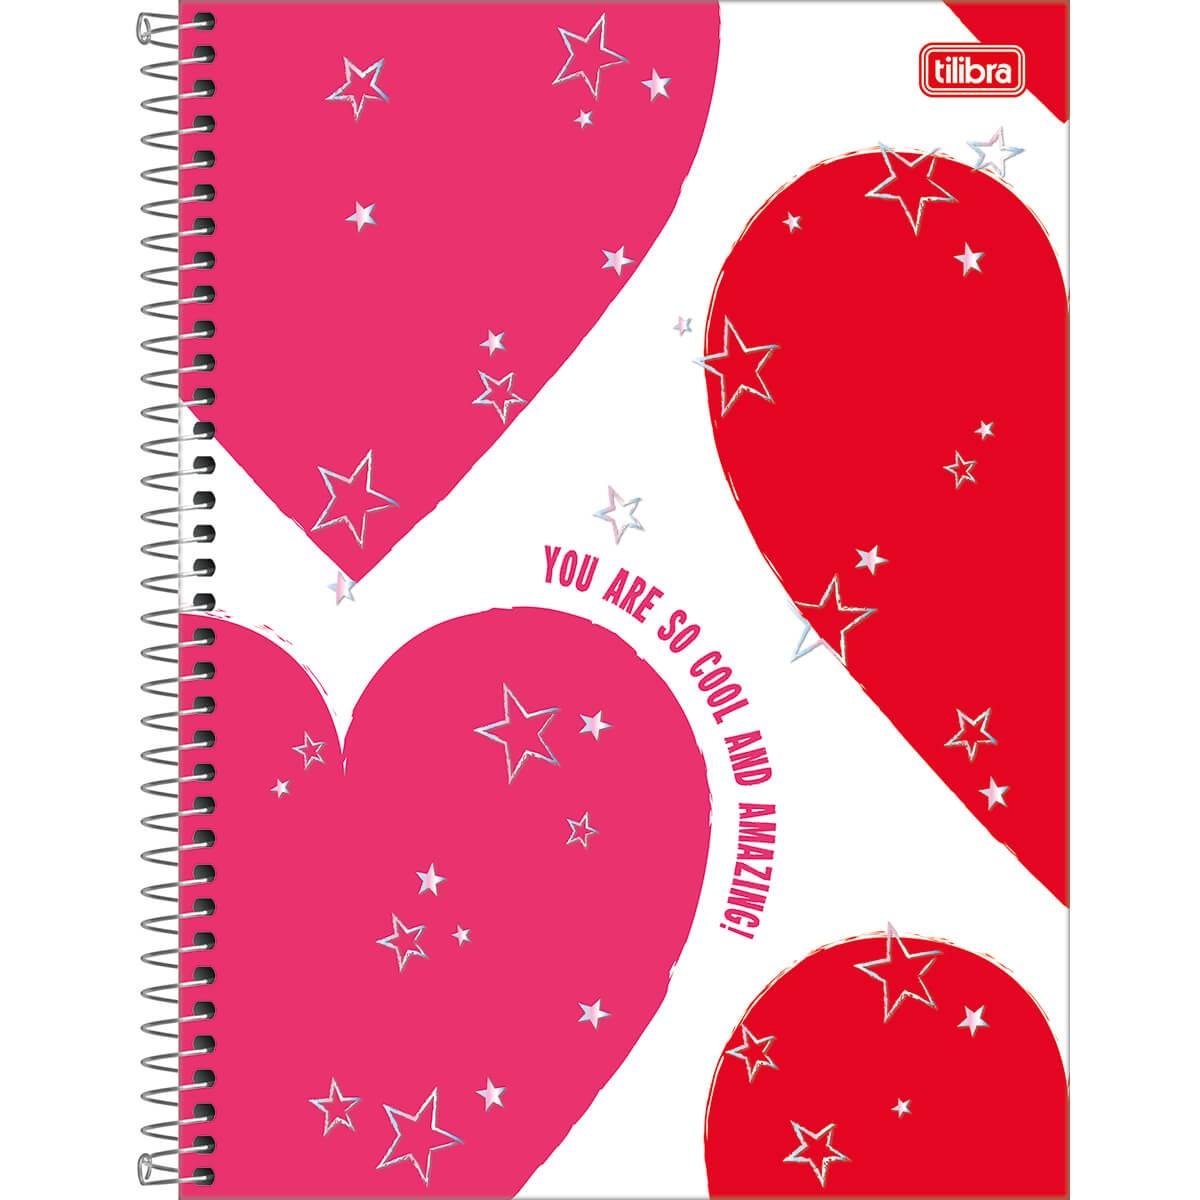 CADERNO UNIVERSITÁRIO LOVE PINK 16 MATÉRIAS 256 FOLHAS - CAPAS SORTIDAS